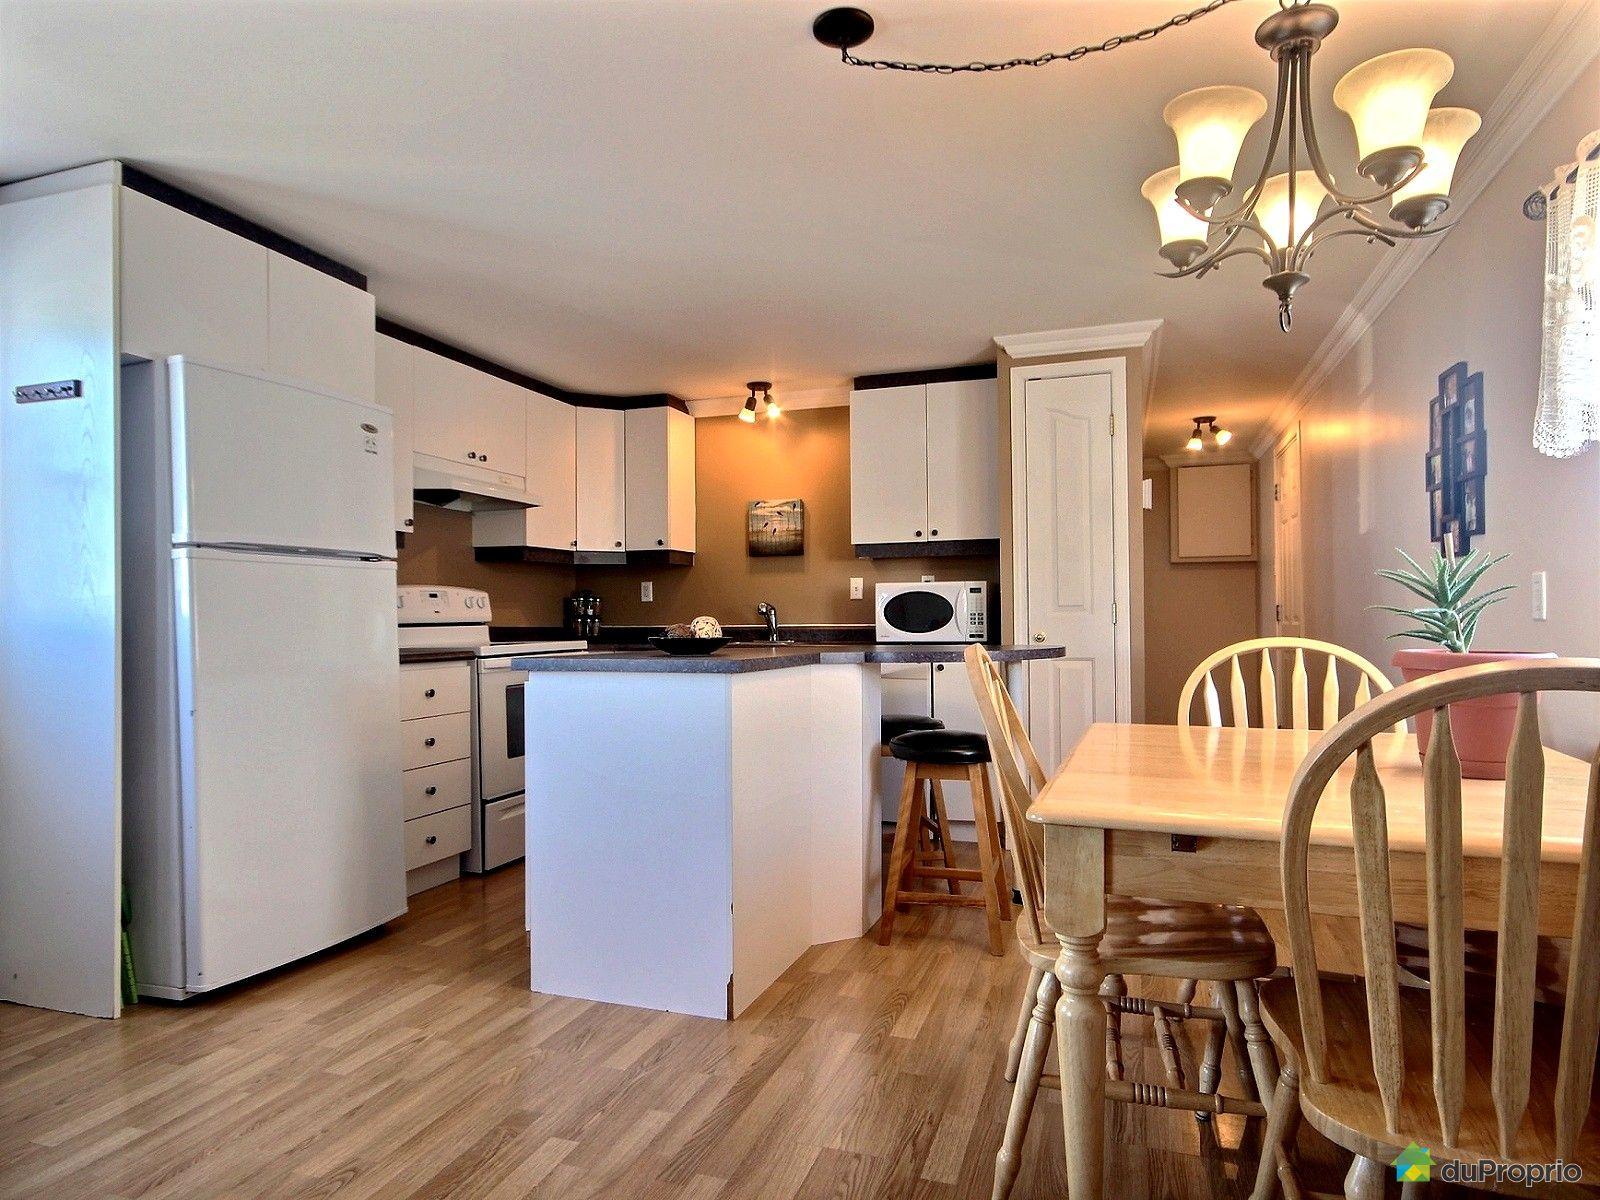 maison vendu ch teau richer immobilier qu bec duproprio 437566. Black Bedroom Furniture Sets. Home Design Ideas